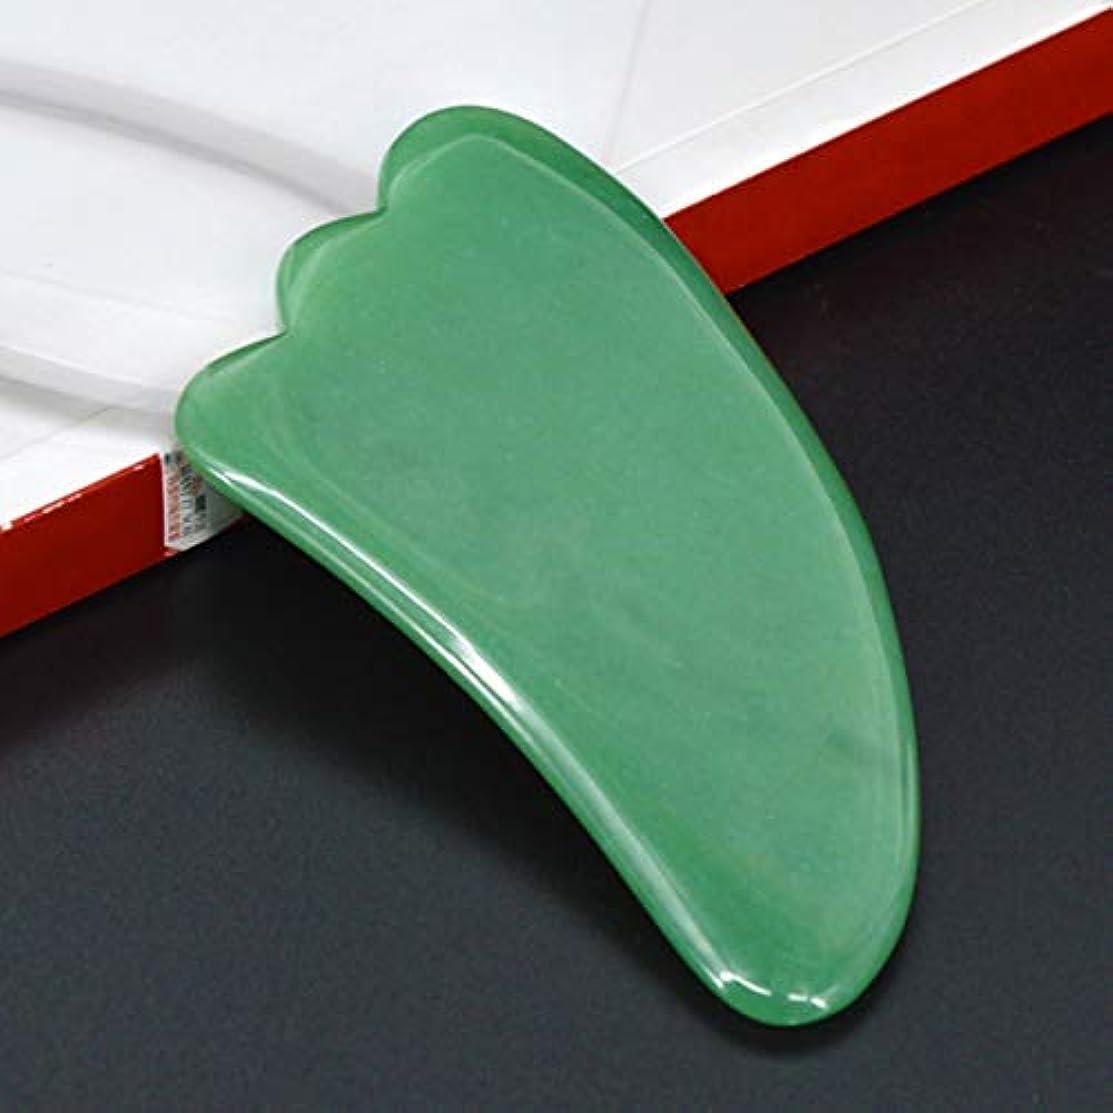 差別的講堂舌Compact Size Gua Sha Facial Treatment Massage Tool Chinese Natural Jade Scraping Tools Massage Healing Tool